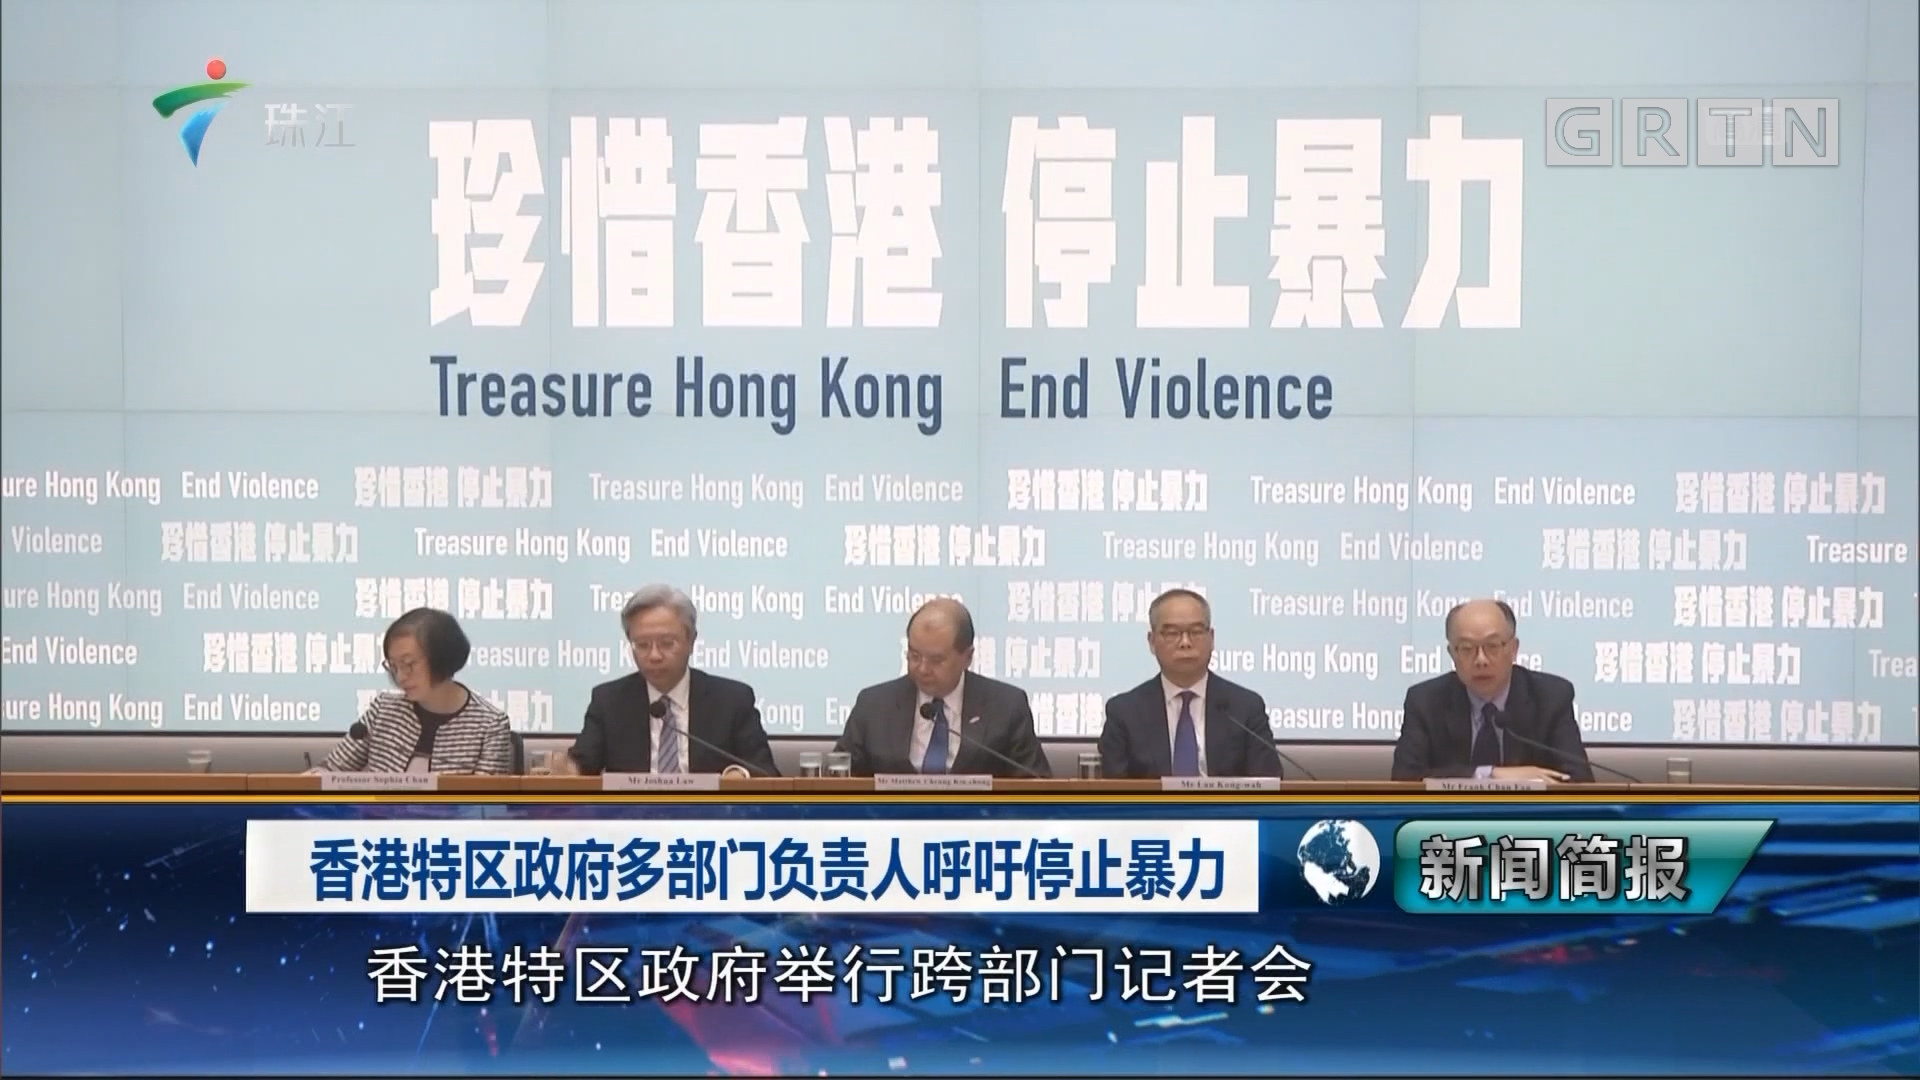 香港特區政府多部門負責人呼吁停止暴力